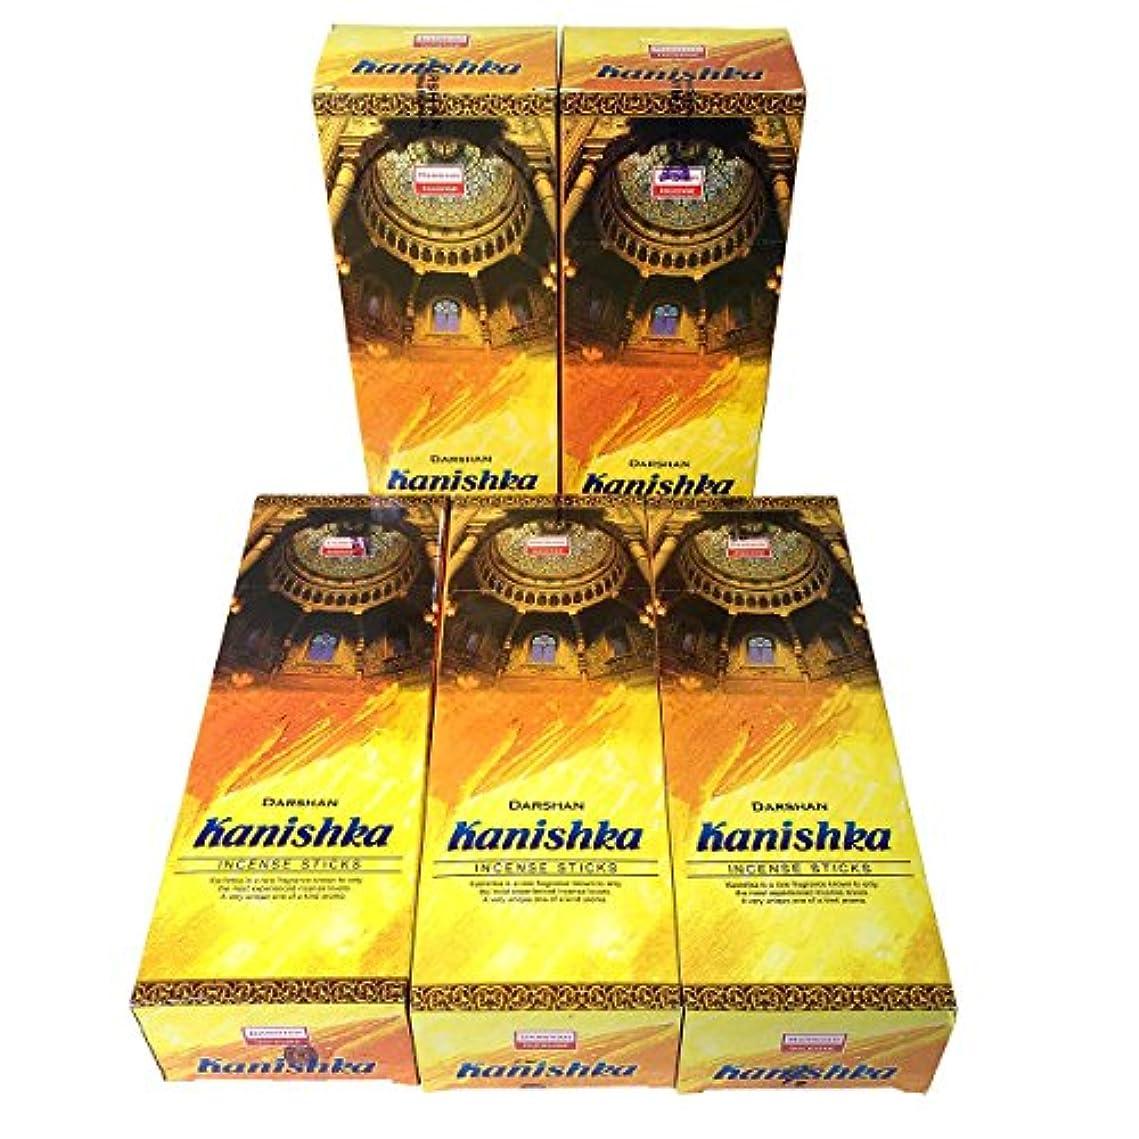 不安熱心水没カニシュカ香スティック 5BOX(30箱)/DARSHAN KANISHKA/ インド香 / 送料無料 [並行輸入品]